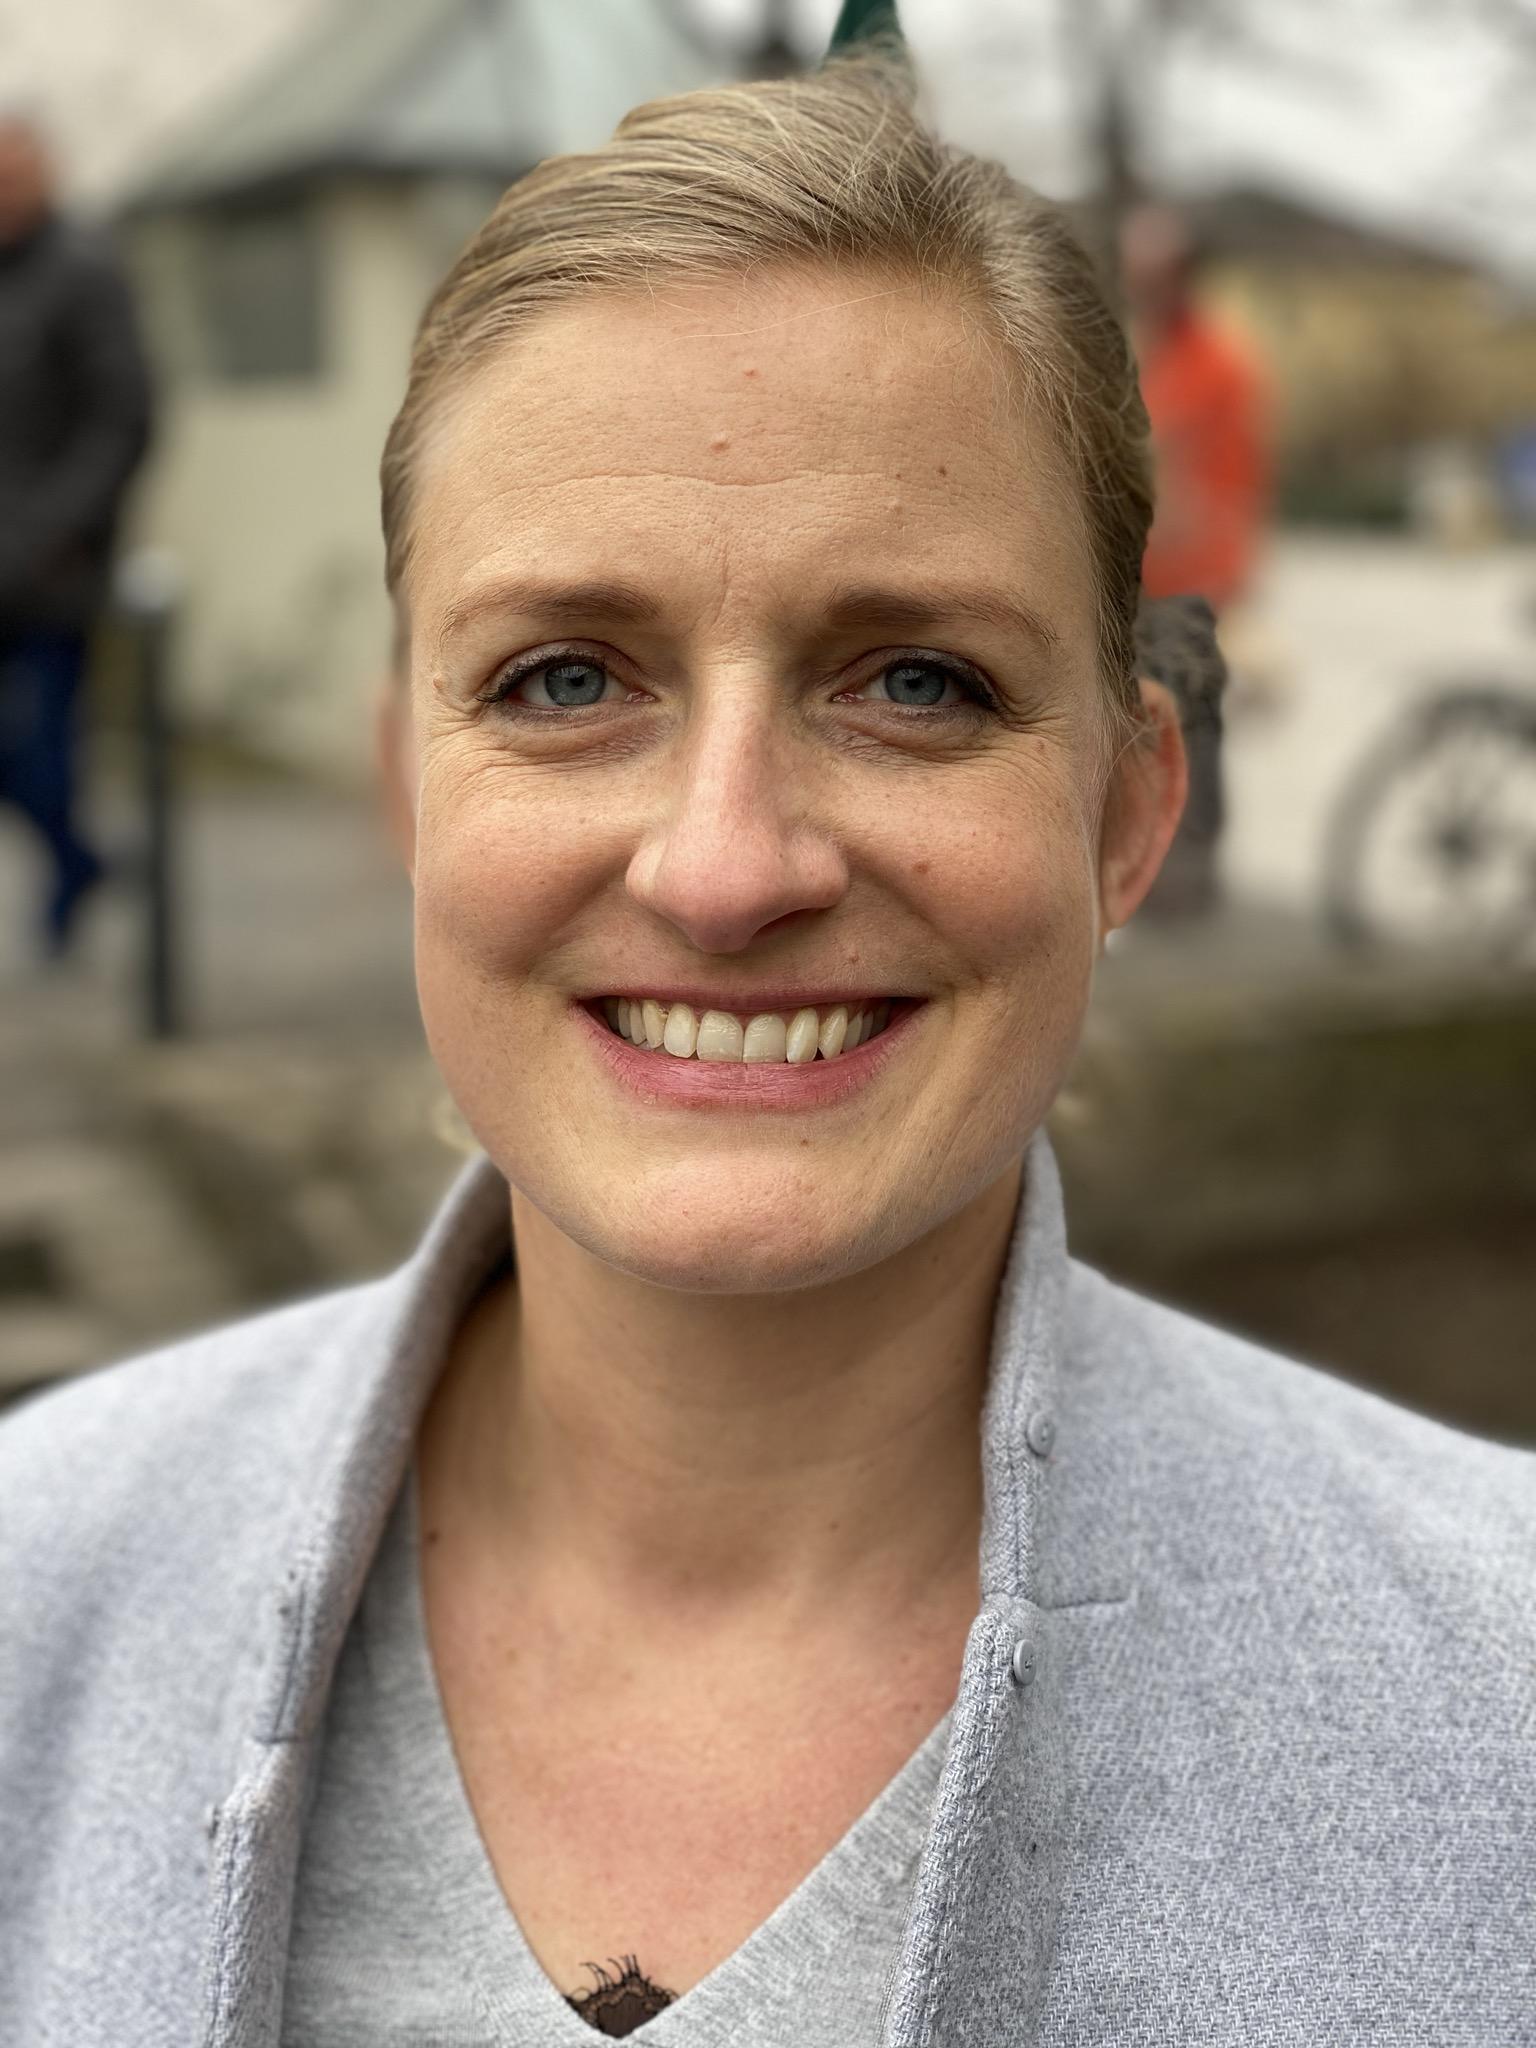 Stefanie Wierlemann - Unsere Spitzenkandidatin